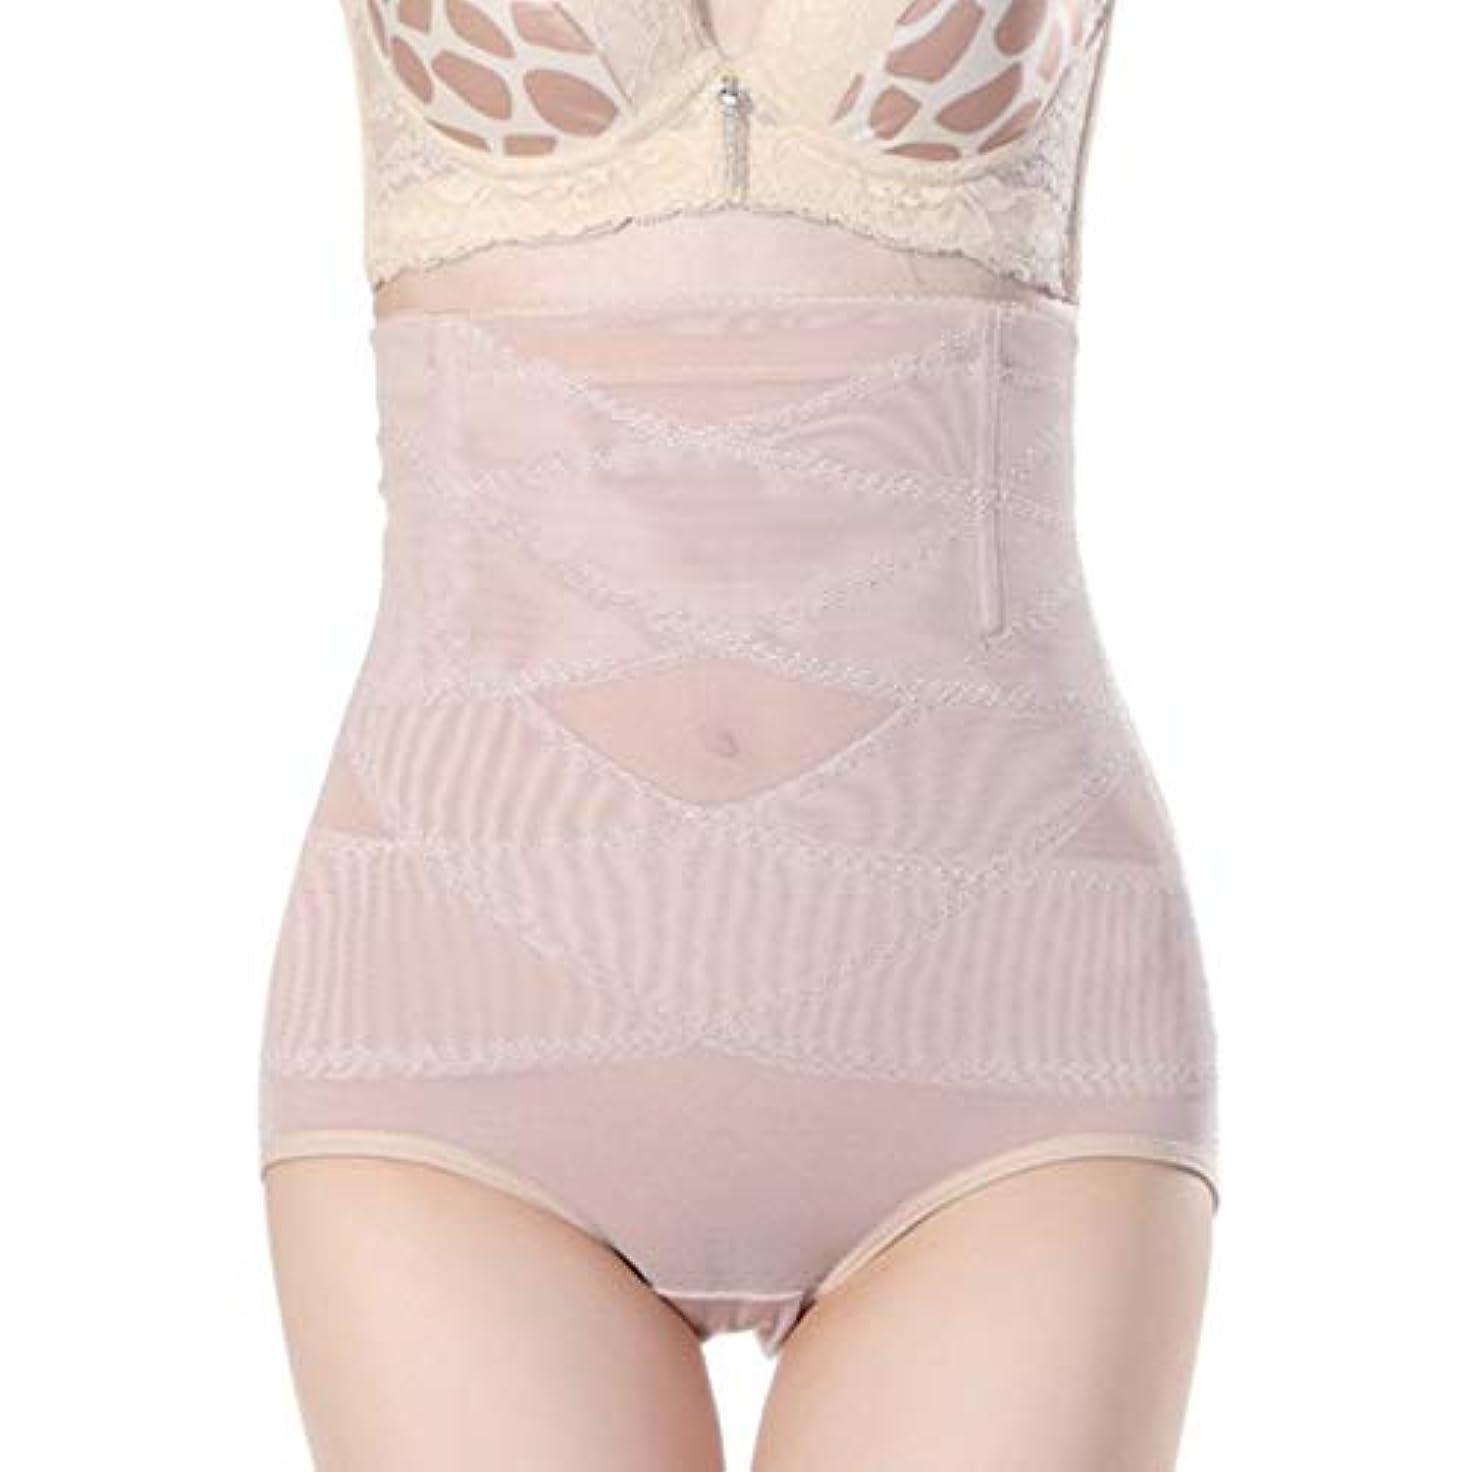 膨張する第五クマノミ腹部制御下着シームレスおなかコントロールパンティーバットリフターボディシェイパーを痩身通気性のハイウエストの女性 - 肌色L